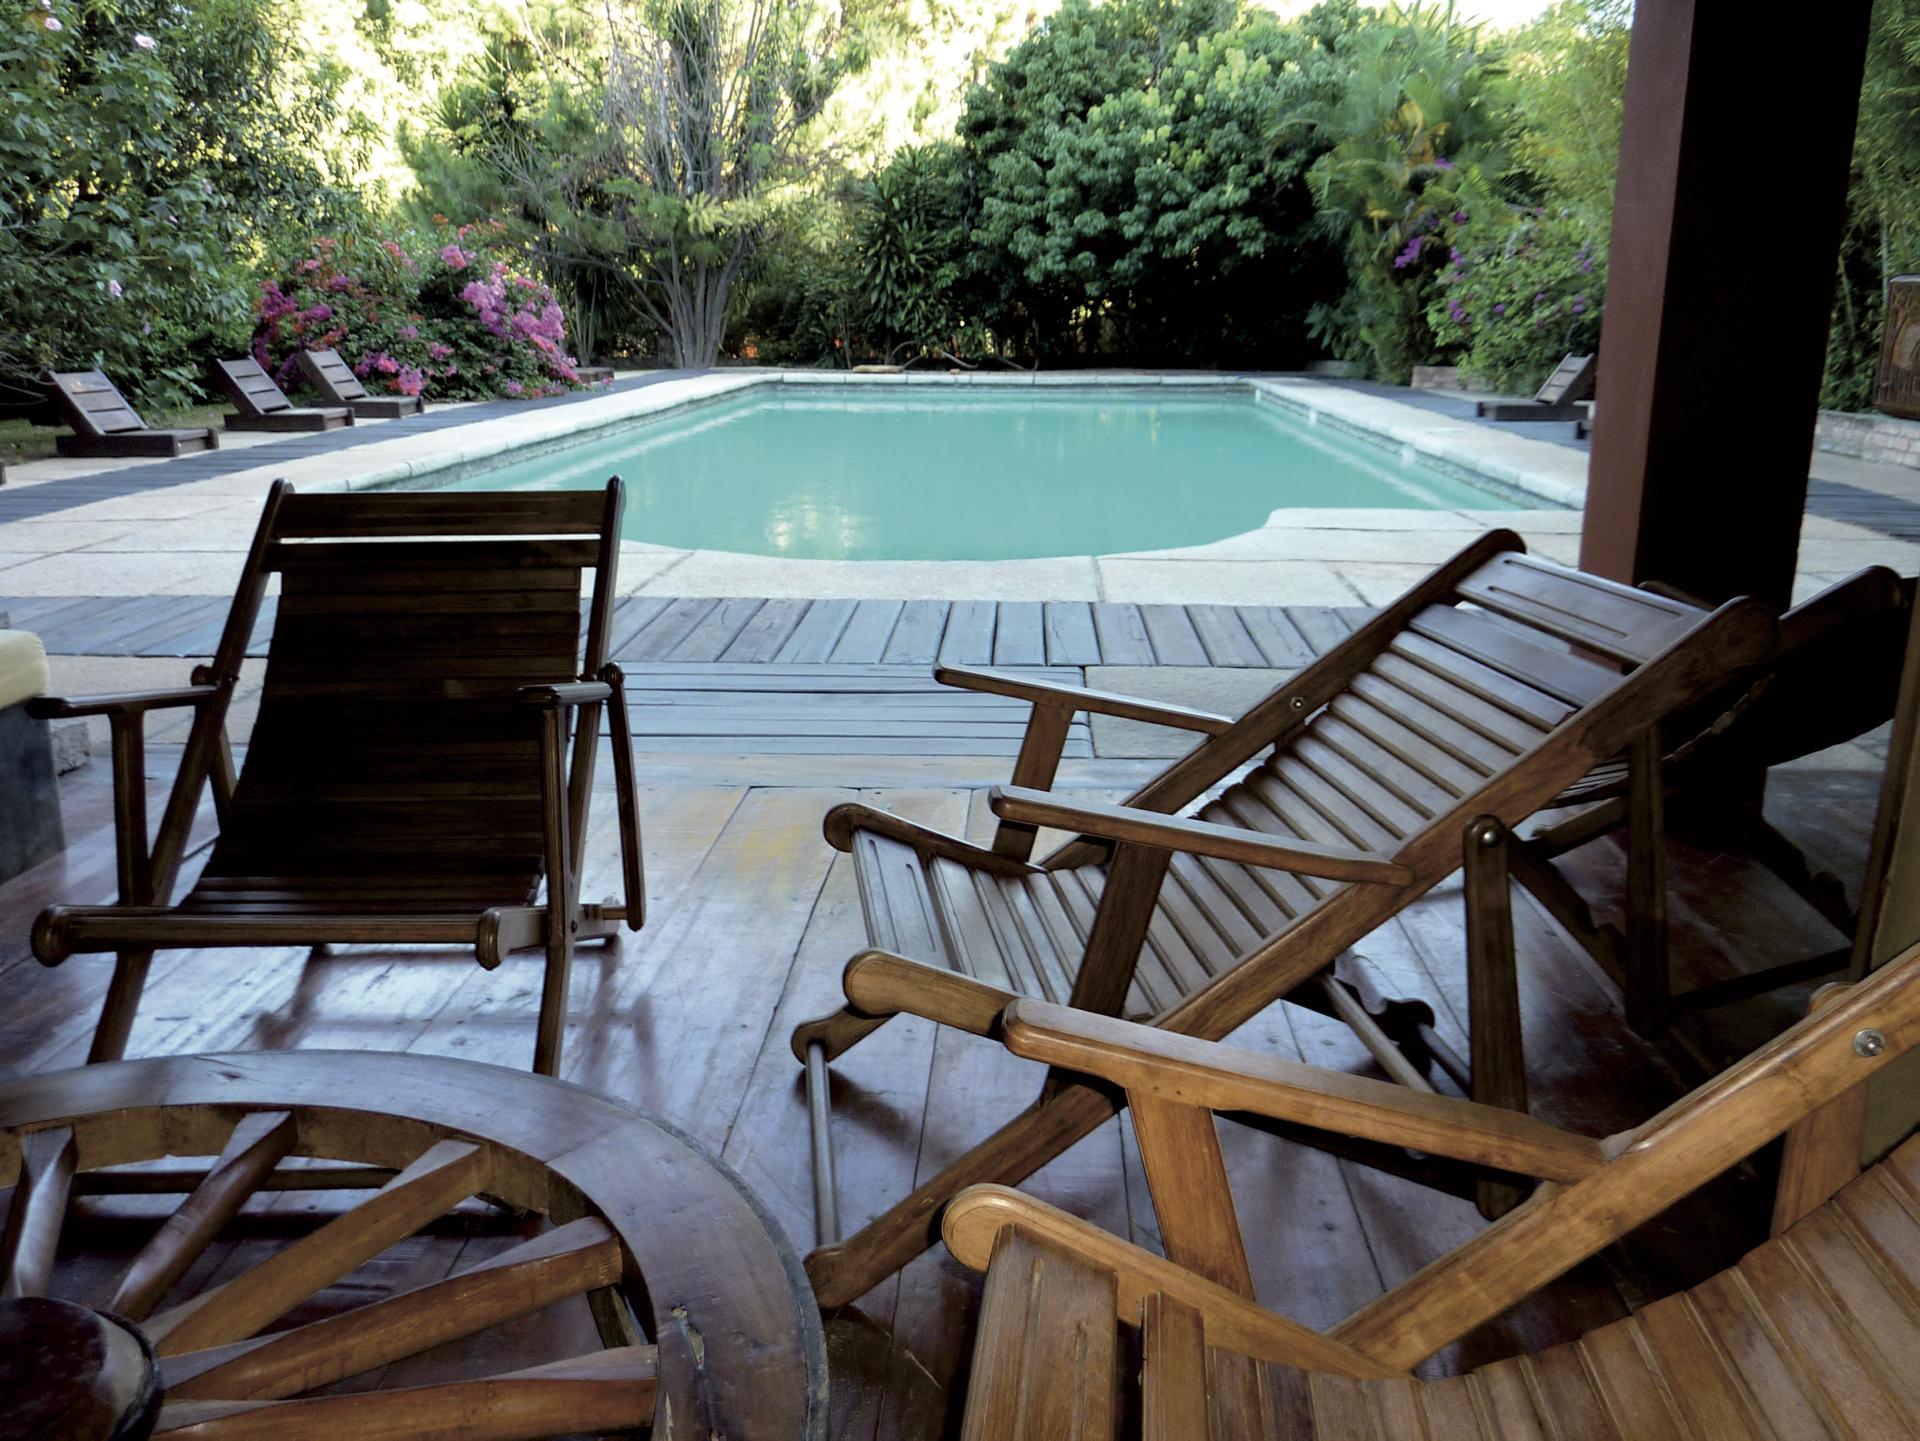 Gemütliche Terrasse mit Pool